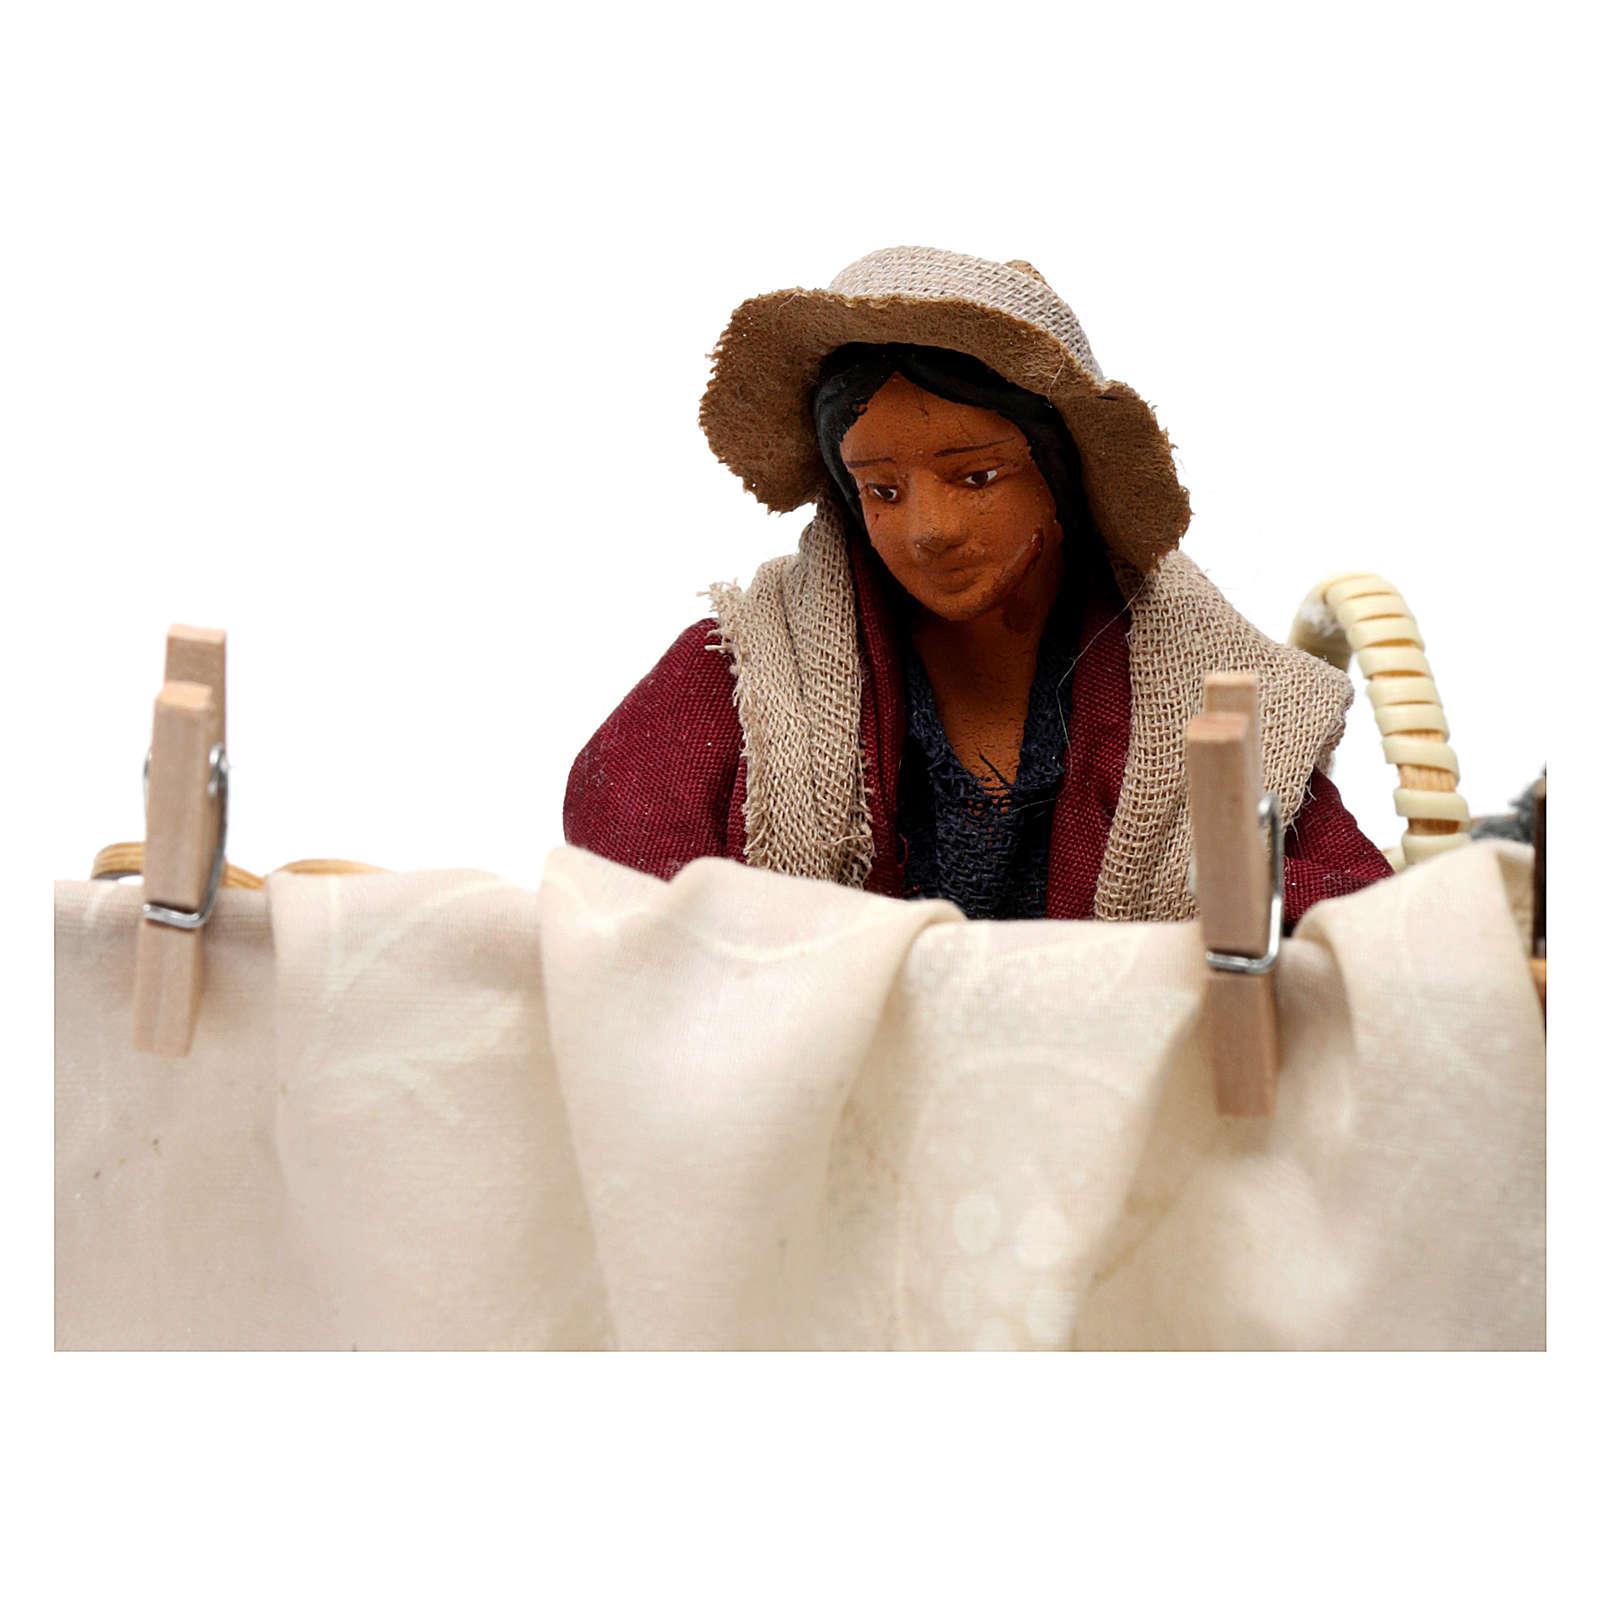 Movimento donna che batte panni presepe napoletano 12 cm 4